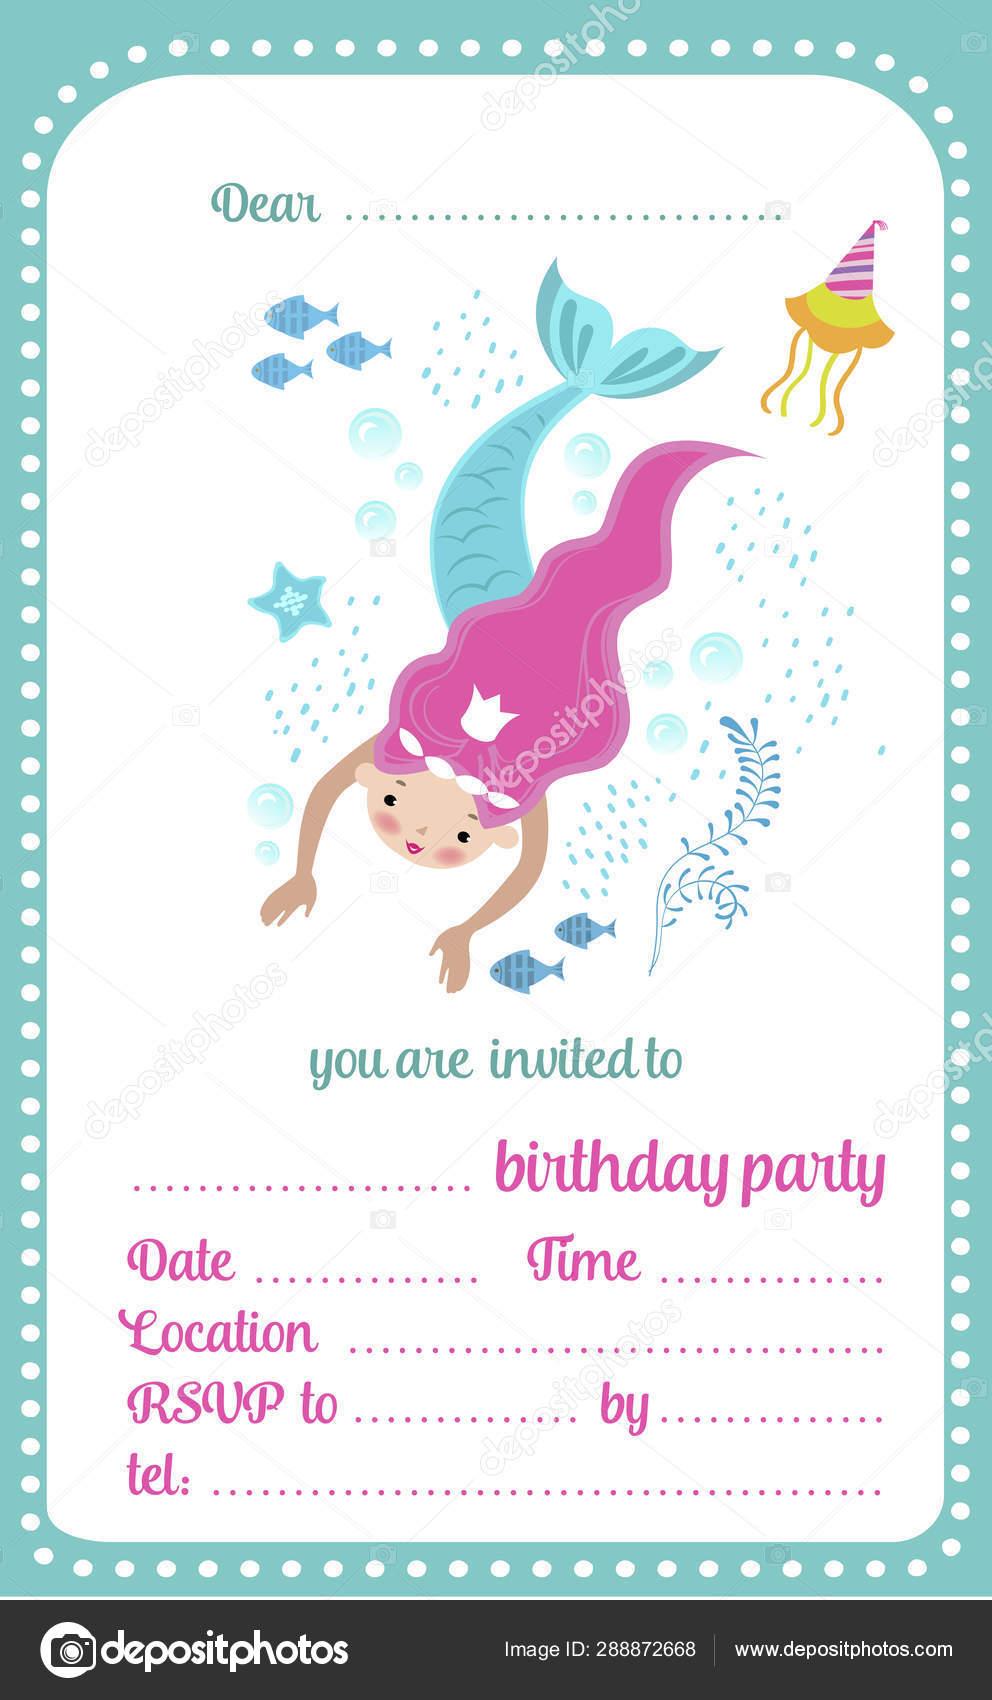 Niños Cumpleaños Fiesta Invitación Plantilla Tarjeta Con